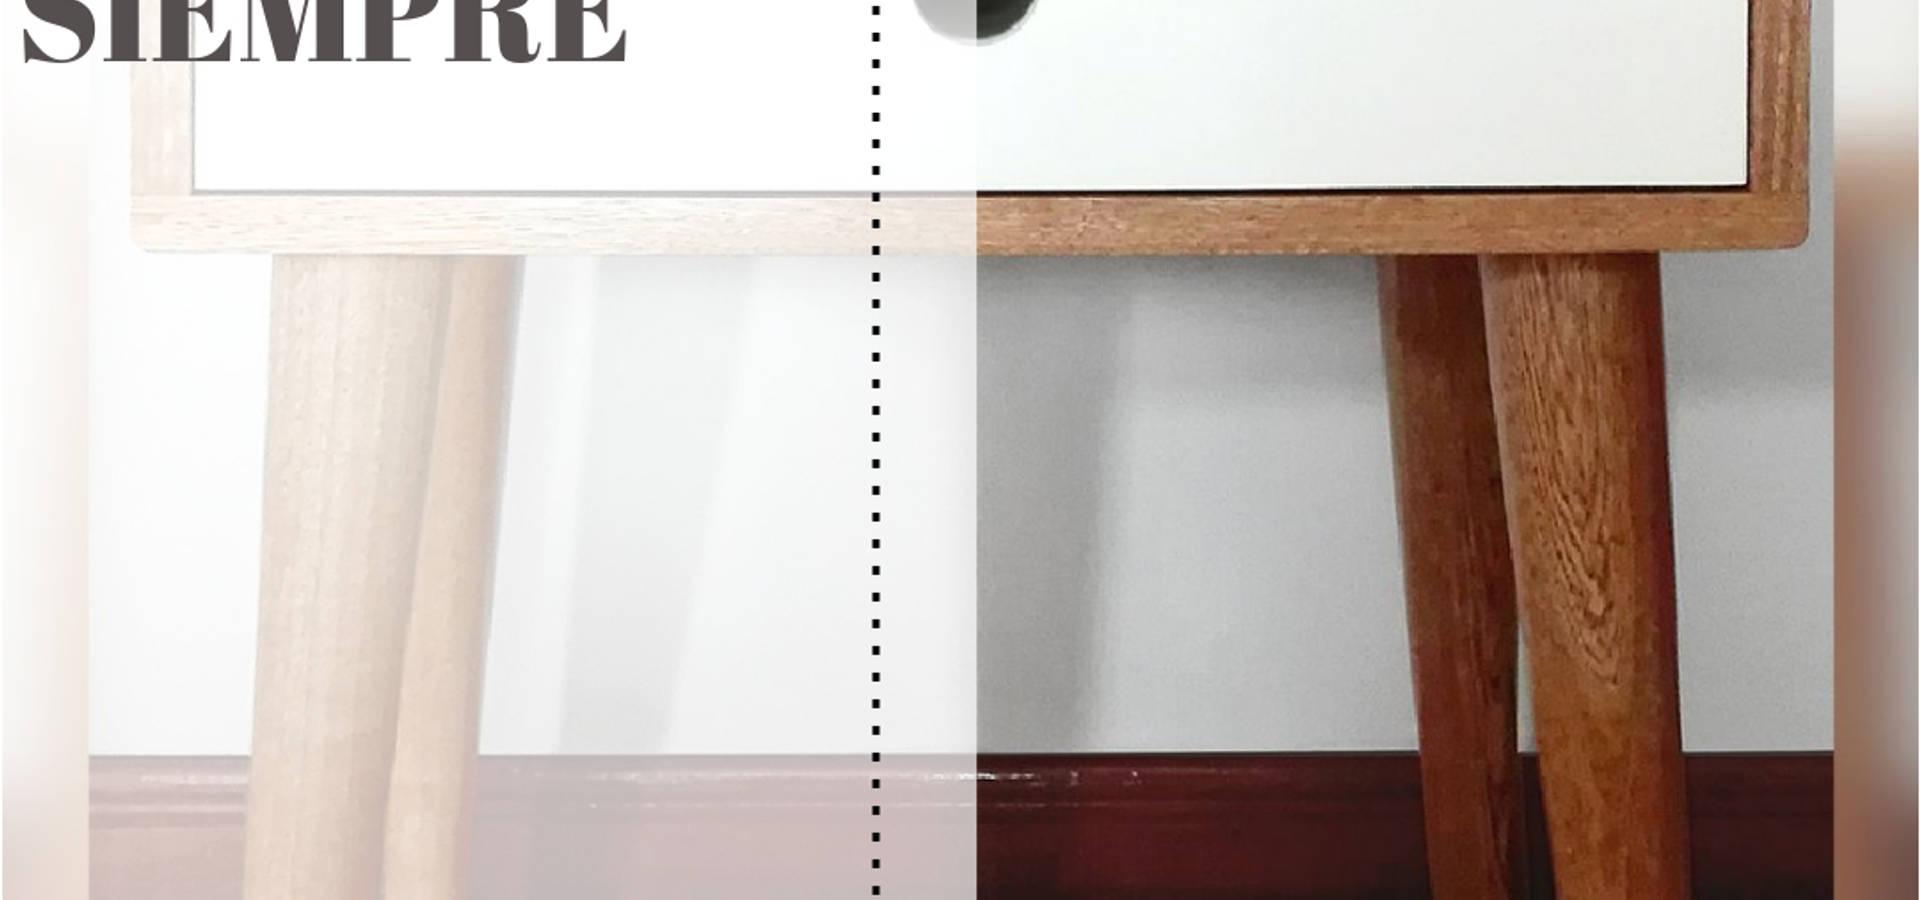 Like Design